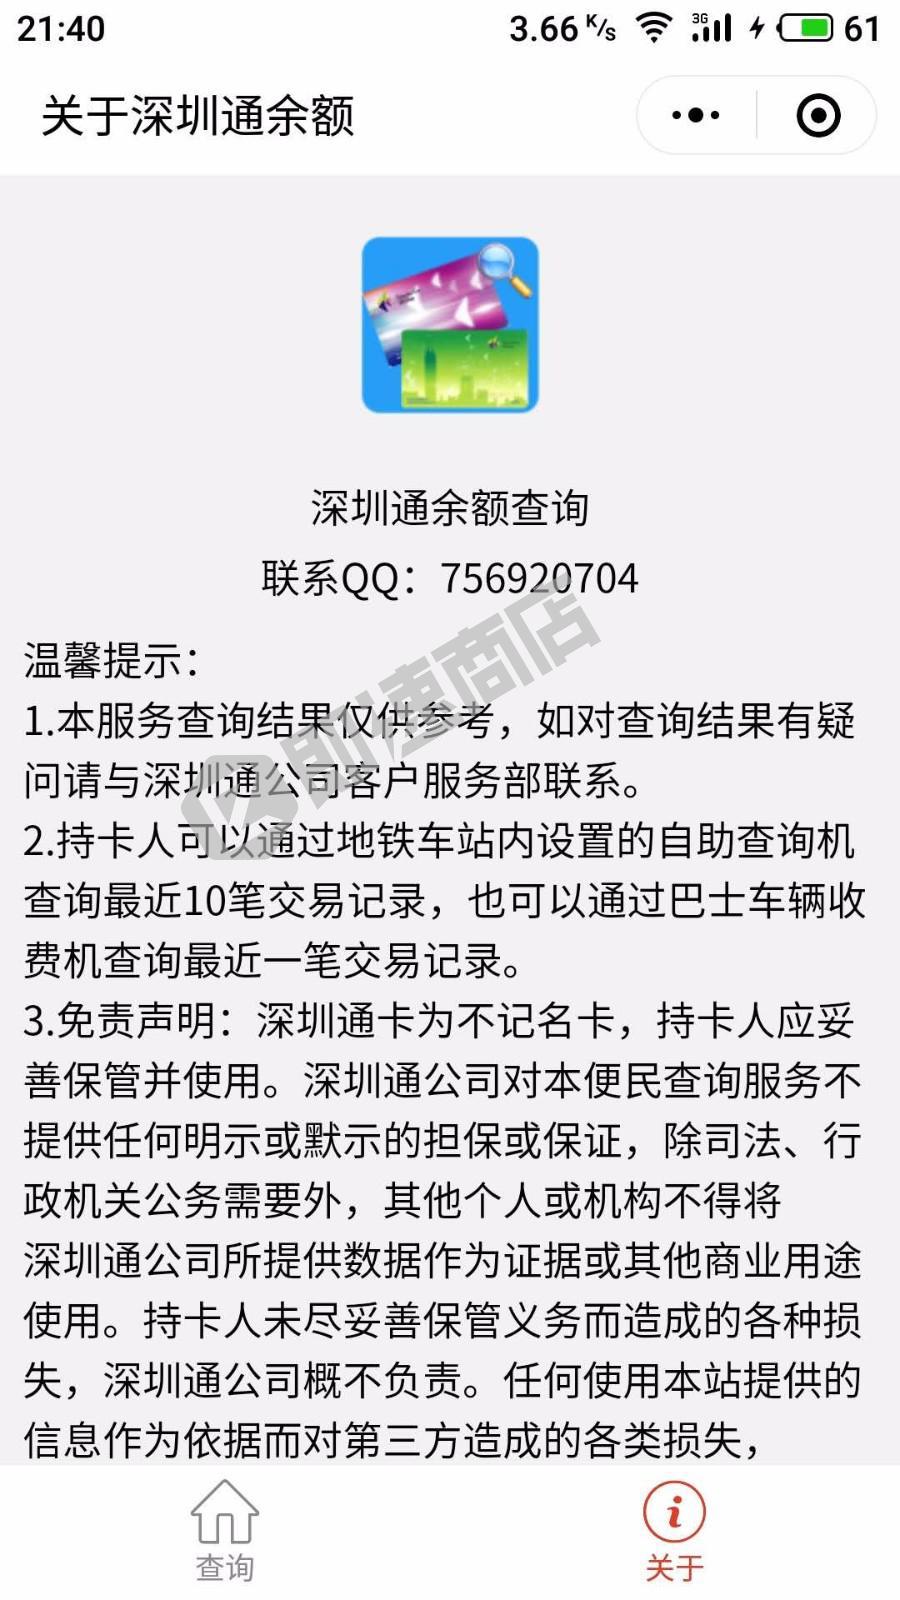 深圳通余额小程序详情页截图